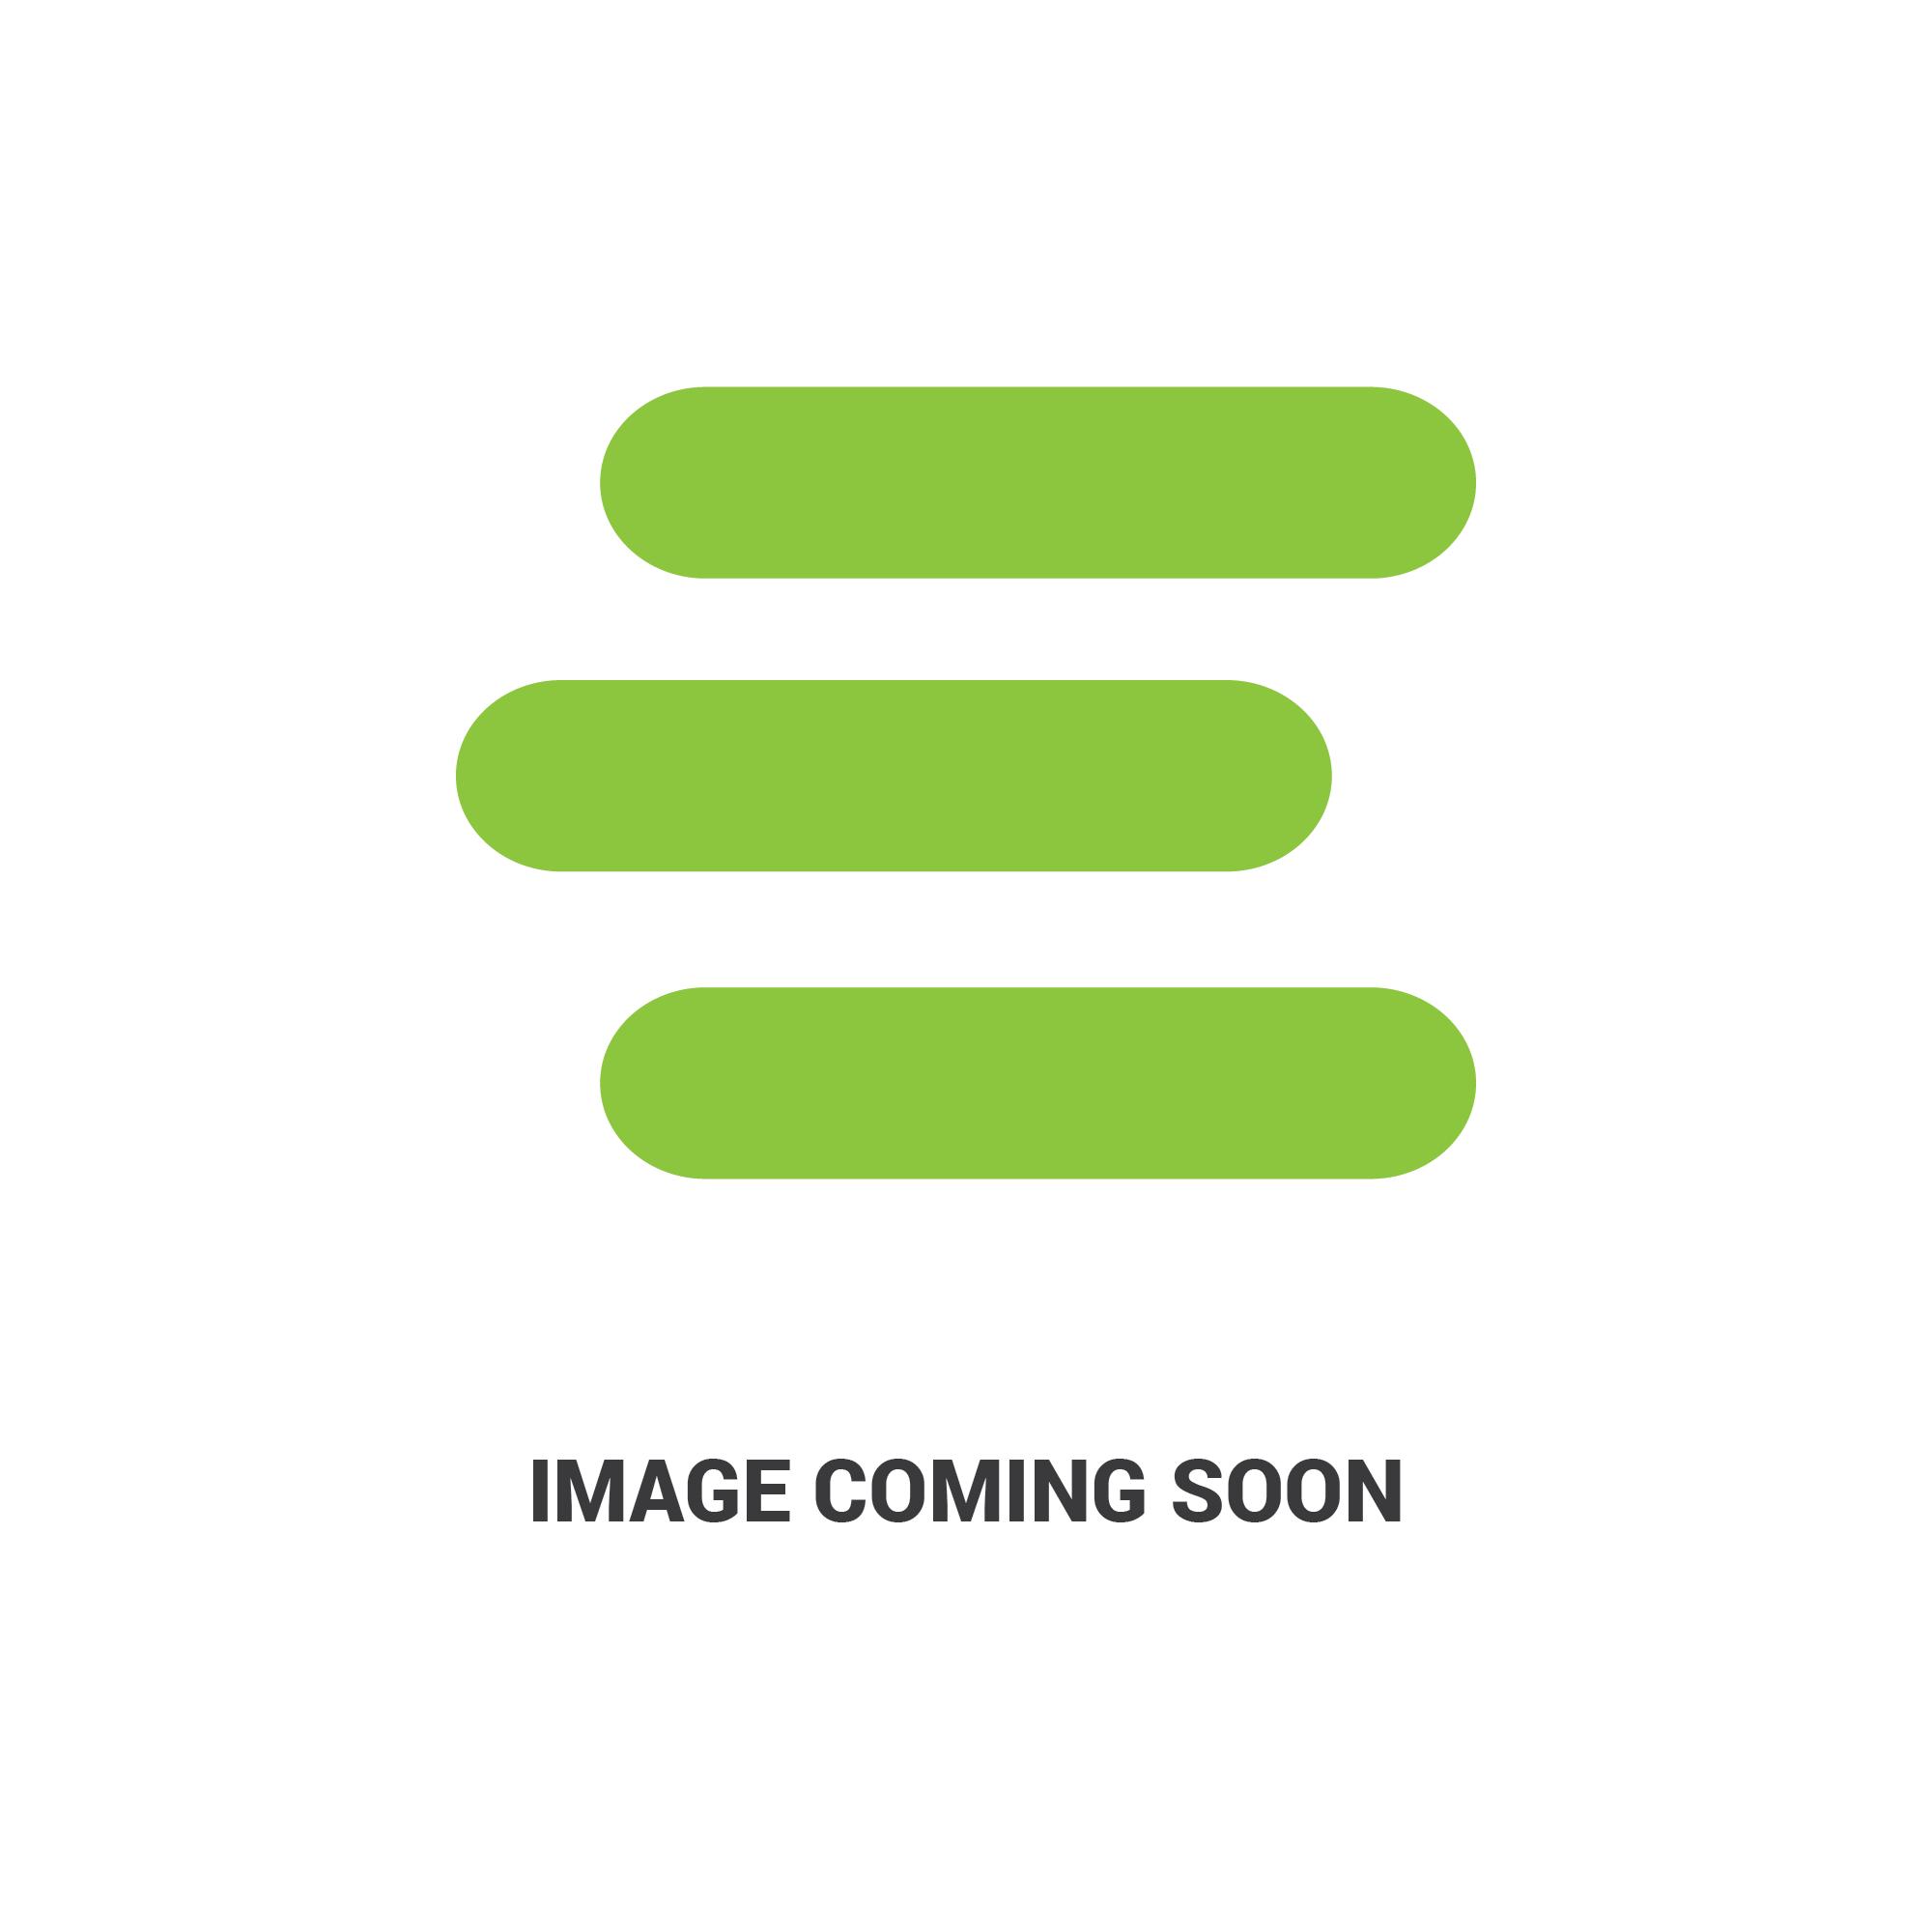 E-CC19994edit 1.jpg